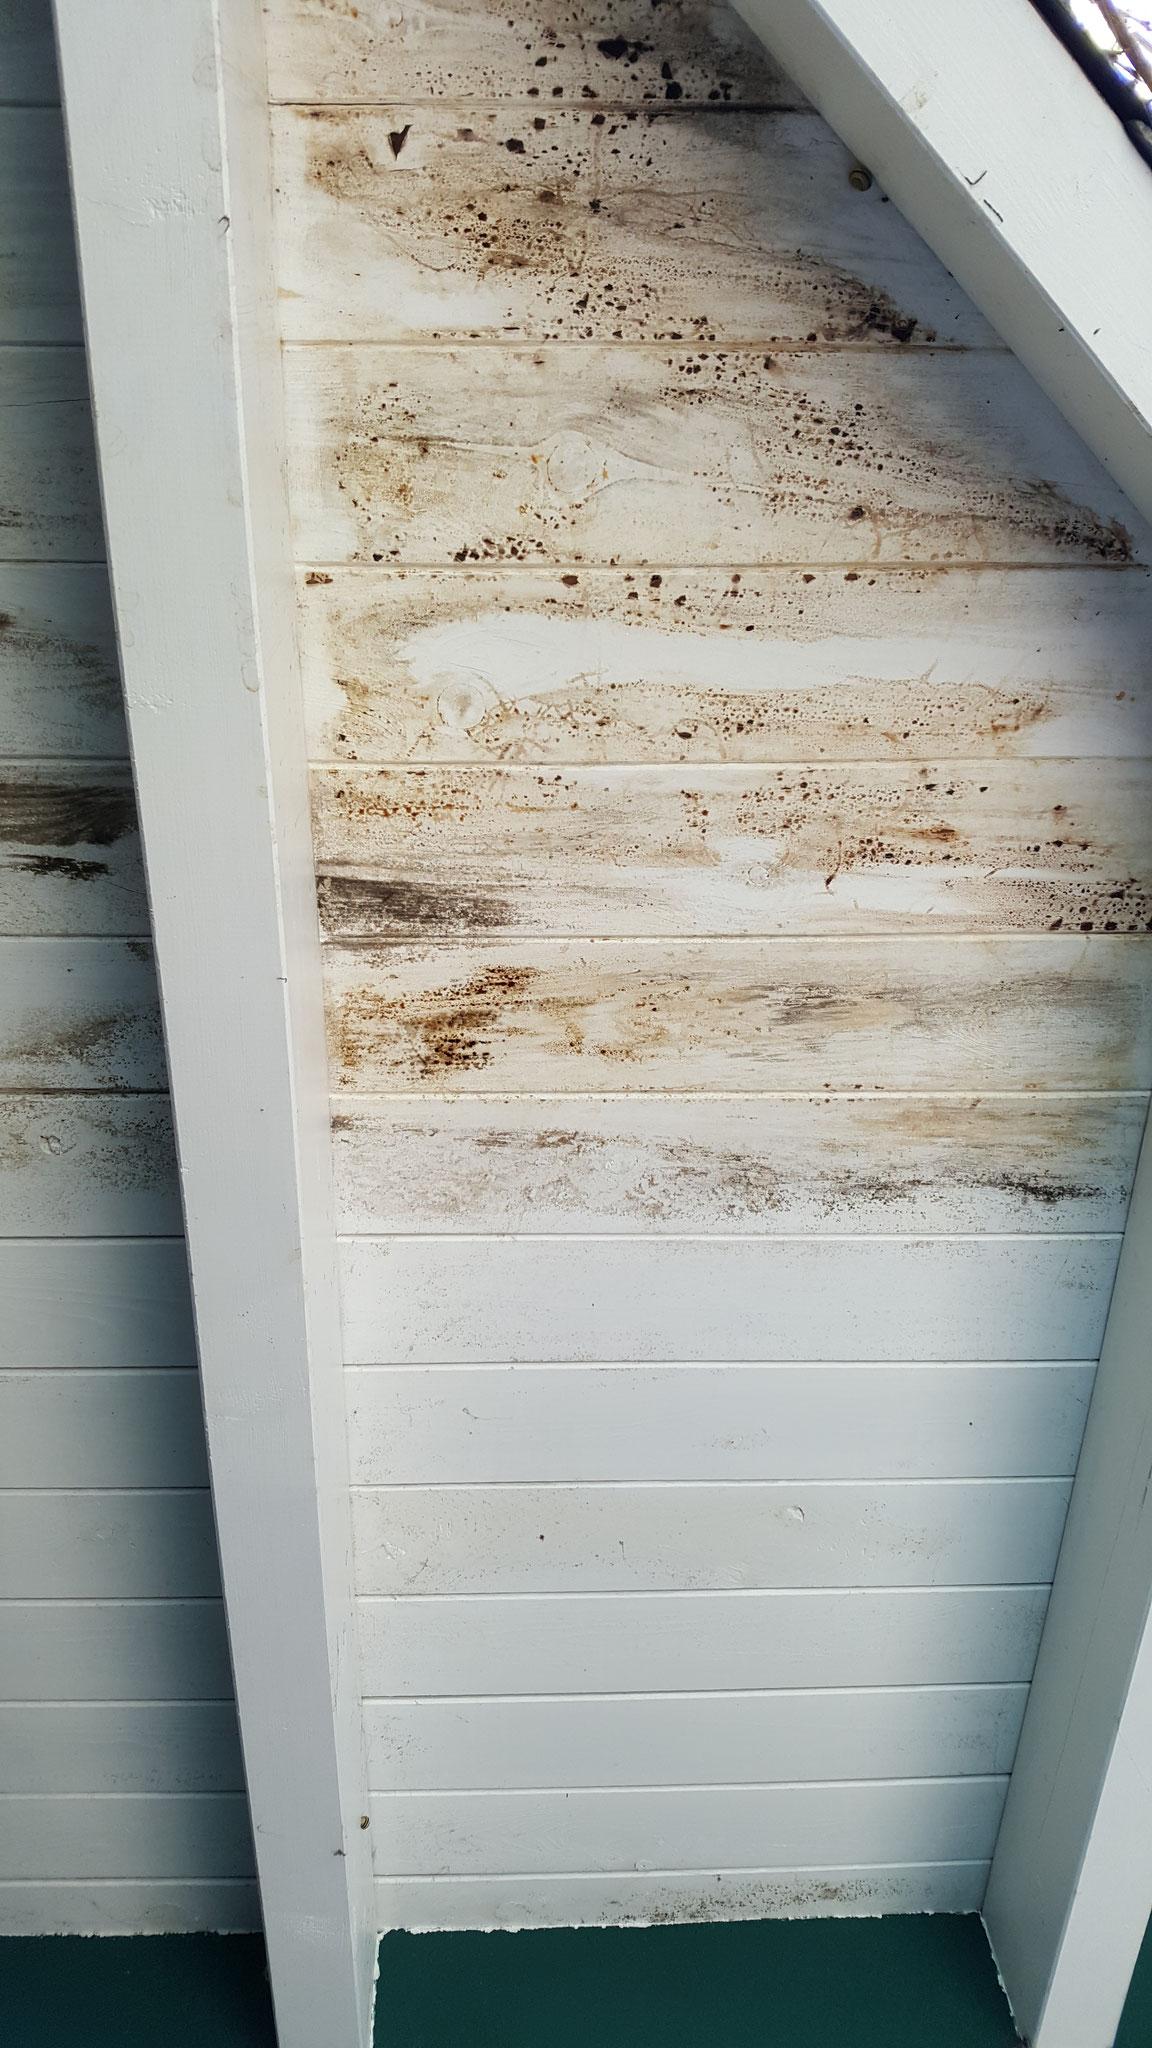 Der Vordachbereich war mit Feuchteschäden versehen und es konnte sich ein Pilz bilden. Die Vordachverschalung wurde abgebrochen und neu aufgebaut.